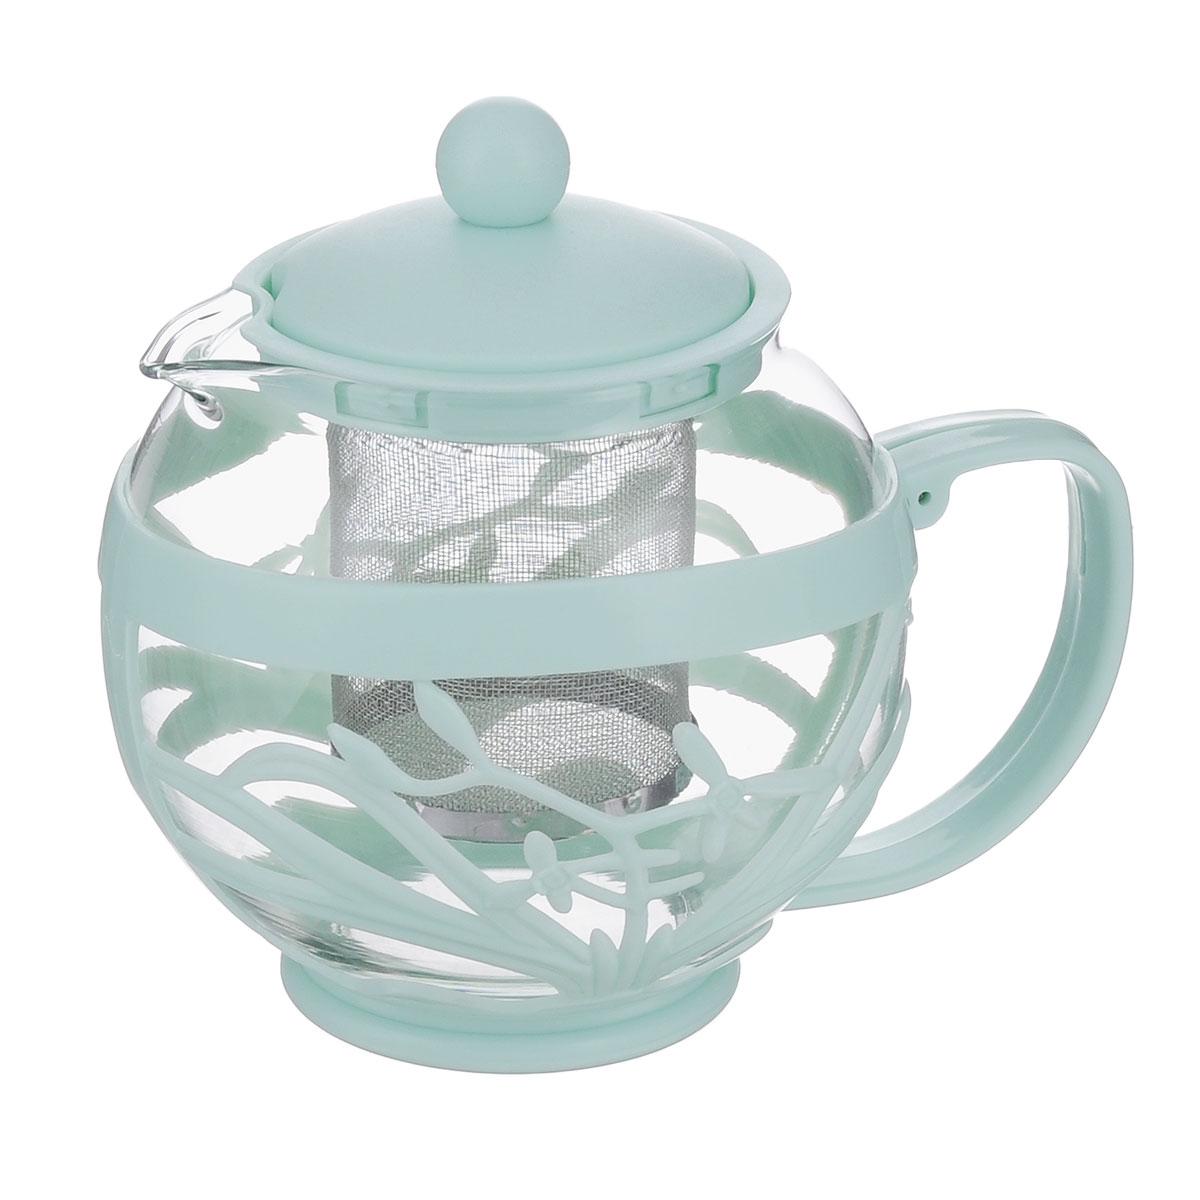 Чайник заварочный Menu Мелисса, с фильтром, цвет: прозрачный, мятный, 750 млMLS-75_мятныйЧайник Menu Мелисса изготовлен из прочного стекла и пластика. Он прекрасно подойдет для заваривания чая и травяных напитков. Классический стиль и оптимальный объем делают его удобным и оригинальным аксессуаром. Изделие имеет удлиненный металлический фильтр, который обеспечивает высокое качество фильтрации напитка и позволяет заварить чай даже при небольшом уровне воды. Ручка чайника не нагревается и обеспечивает безопасность использования. Нельзя мыть в посудомоечной машине. Диаметр чайника (по верхнему краю): 8 см. Высота чайника (без учета крышки): 11 см. Размер фильтра: 6 х 6 х 7,2 см.